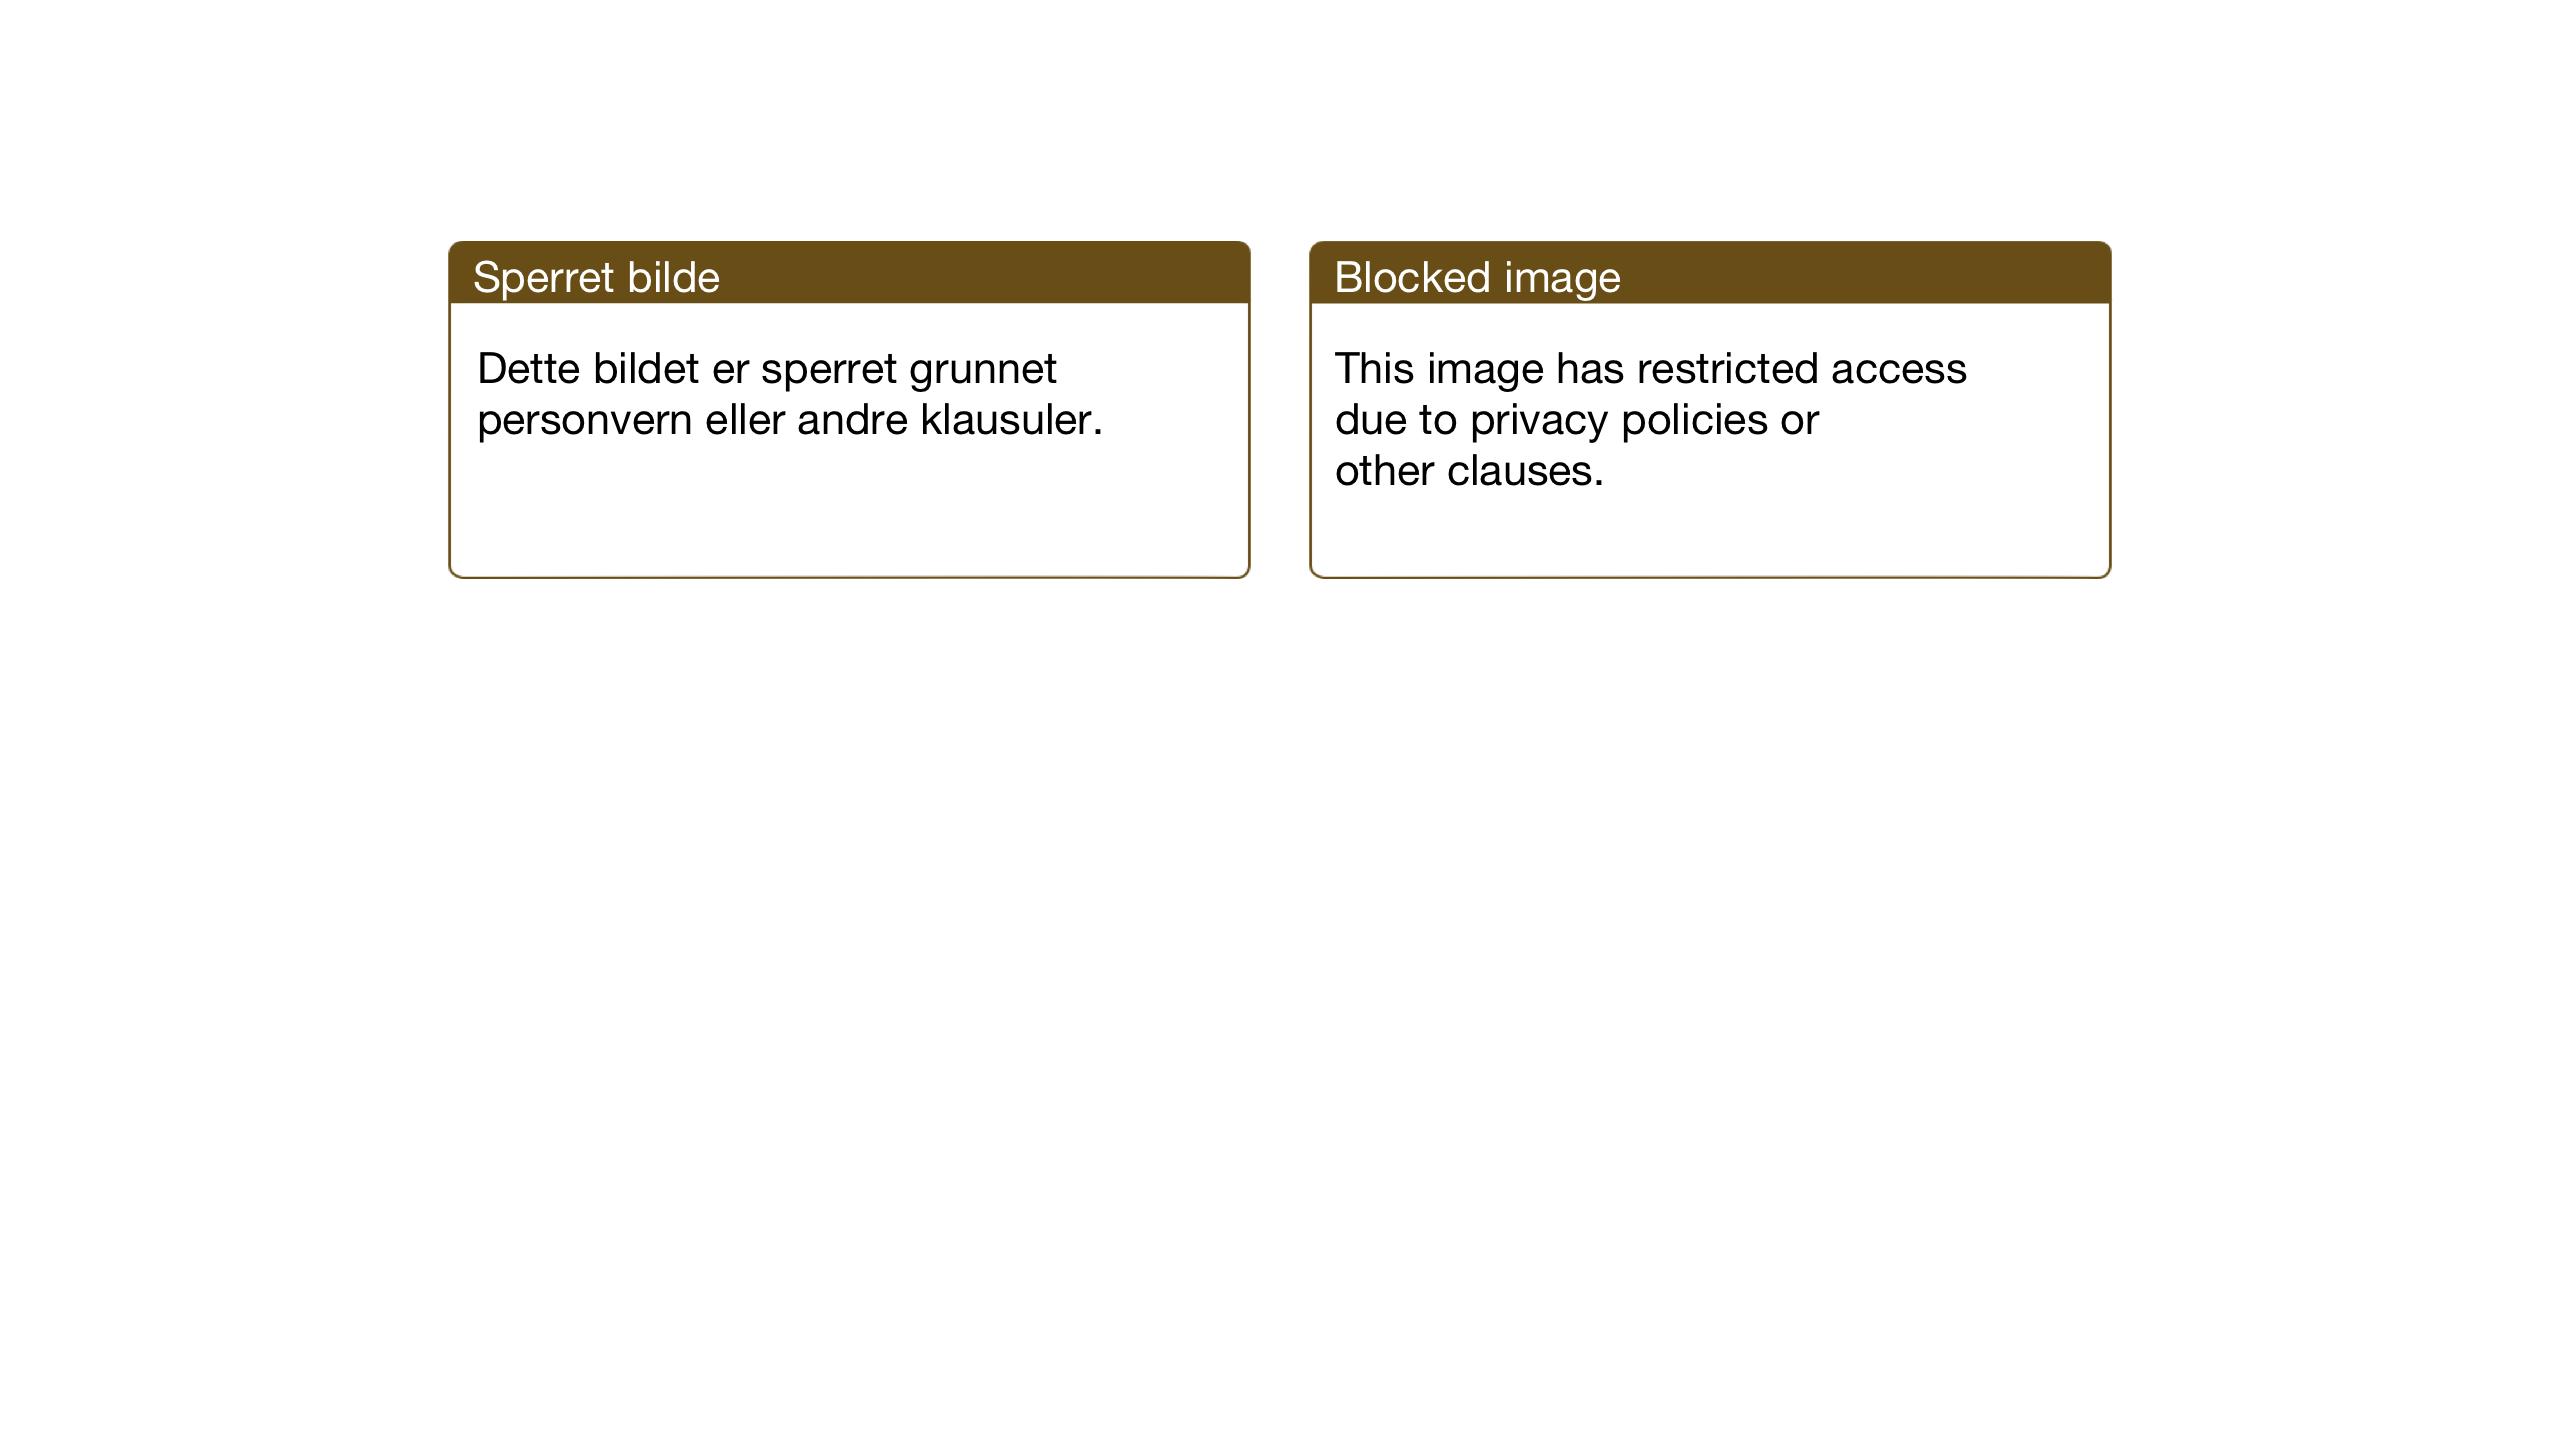 SAT, Ministerialprotokoller, klokkerbøker og fødselsregistre - Nord-Trøndelag, 745/L0434: Klokkerbok nr. 745C03, 1914-1937, s. 75